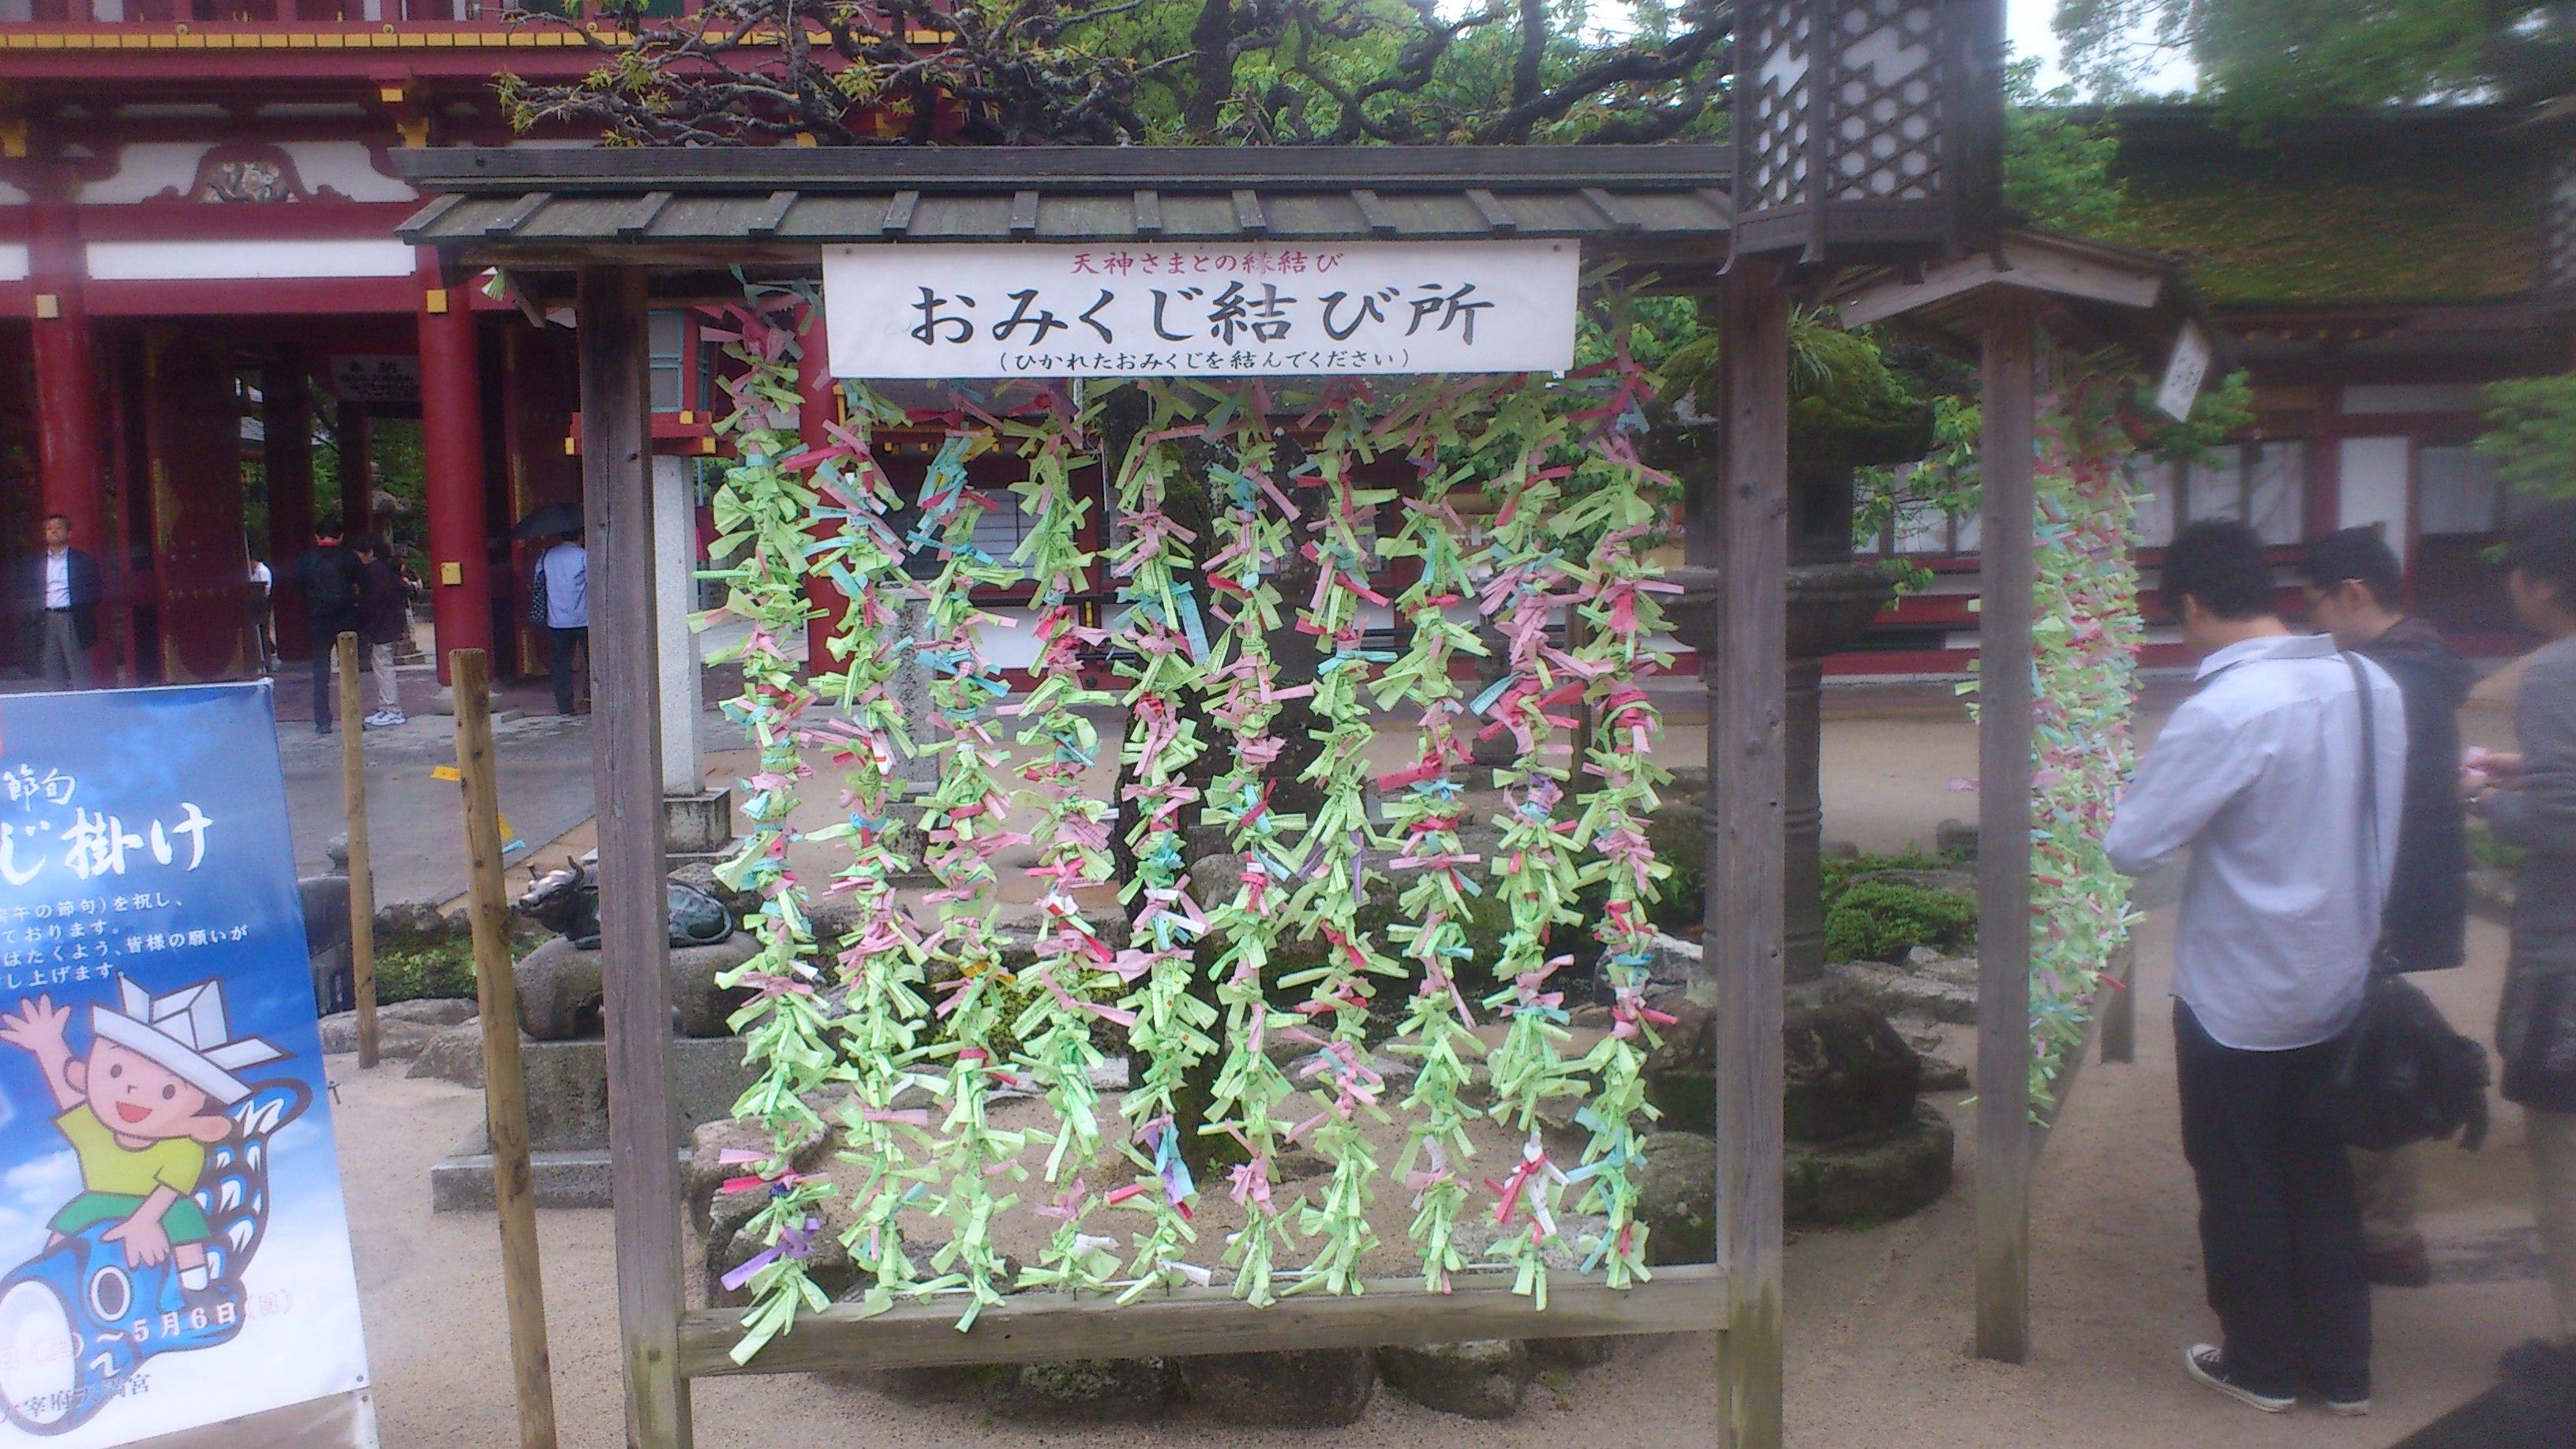 2012. 후쿠오카 여행기 - 11. 다자이후텐만구에서 ..